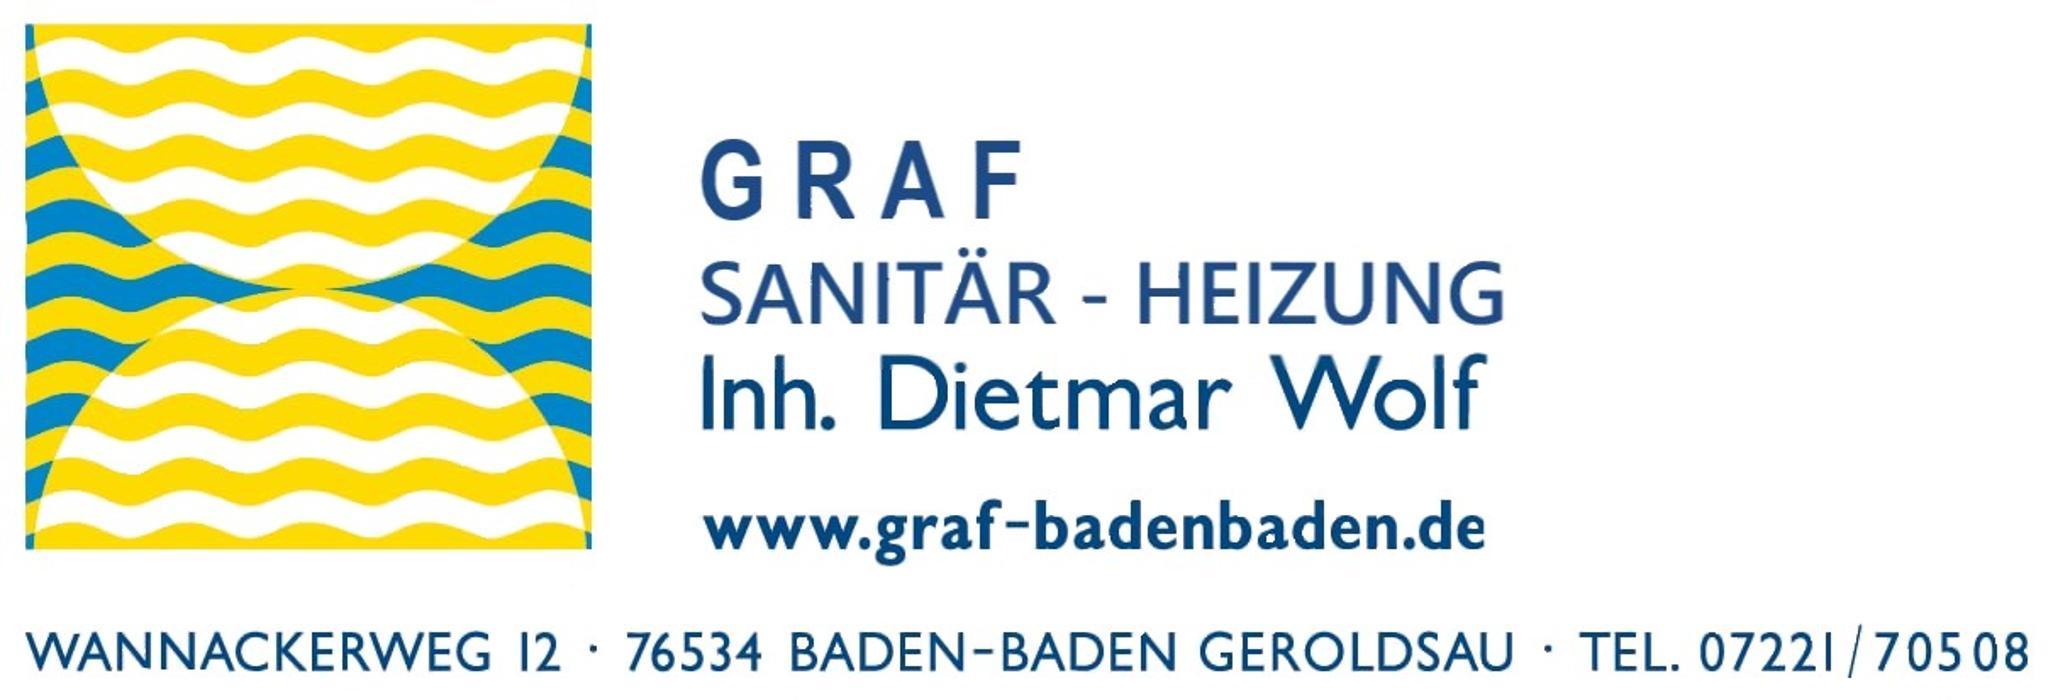 Bild zu Graf Sanitär - Heizung, Inhaber Dietmar Wolf in Baden-Baden